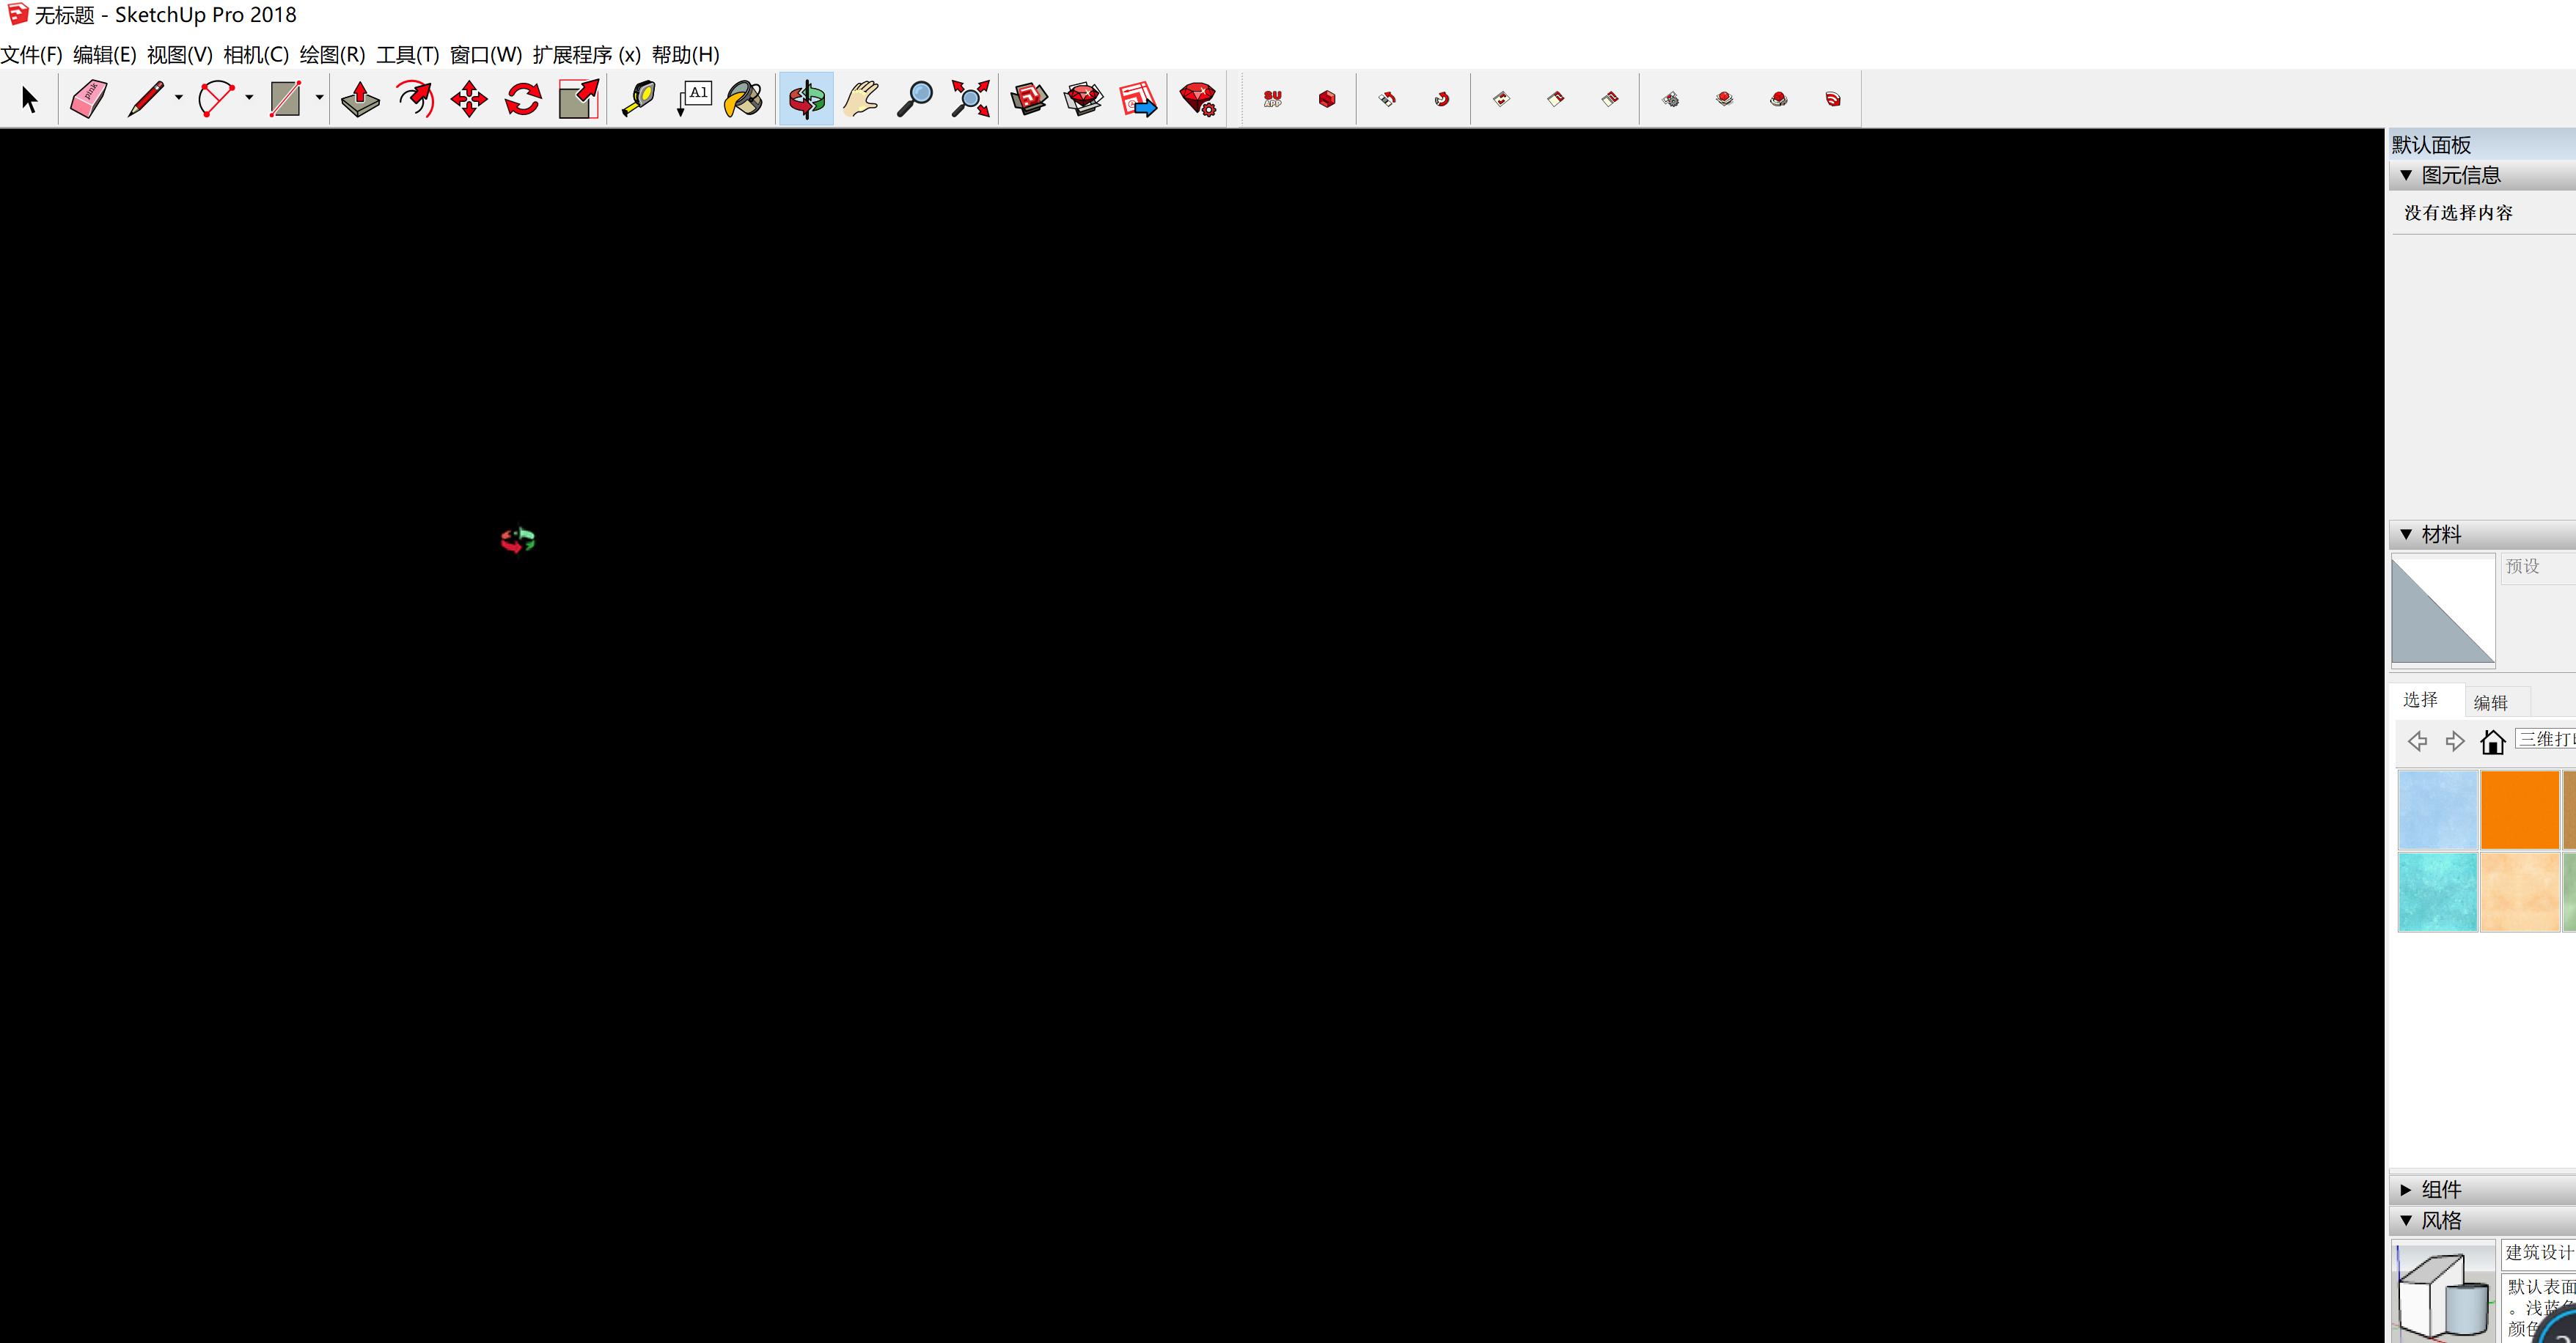 黑色壁纸全黑_最佳答案 你先看看,窗口-样式-背景设置-背景,颜色是不是黑色的?